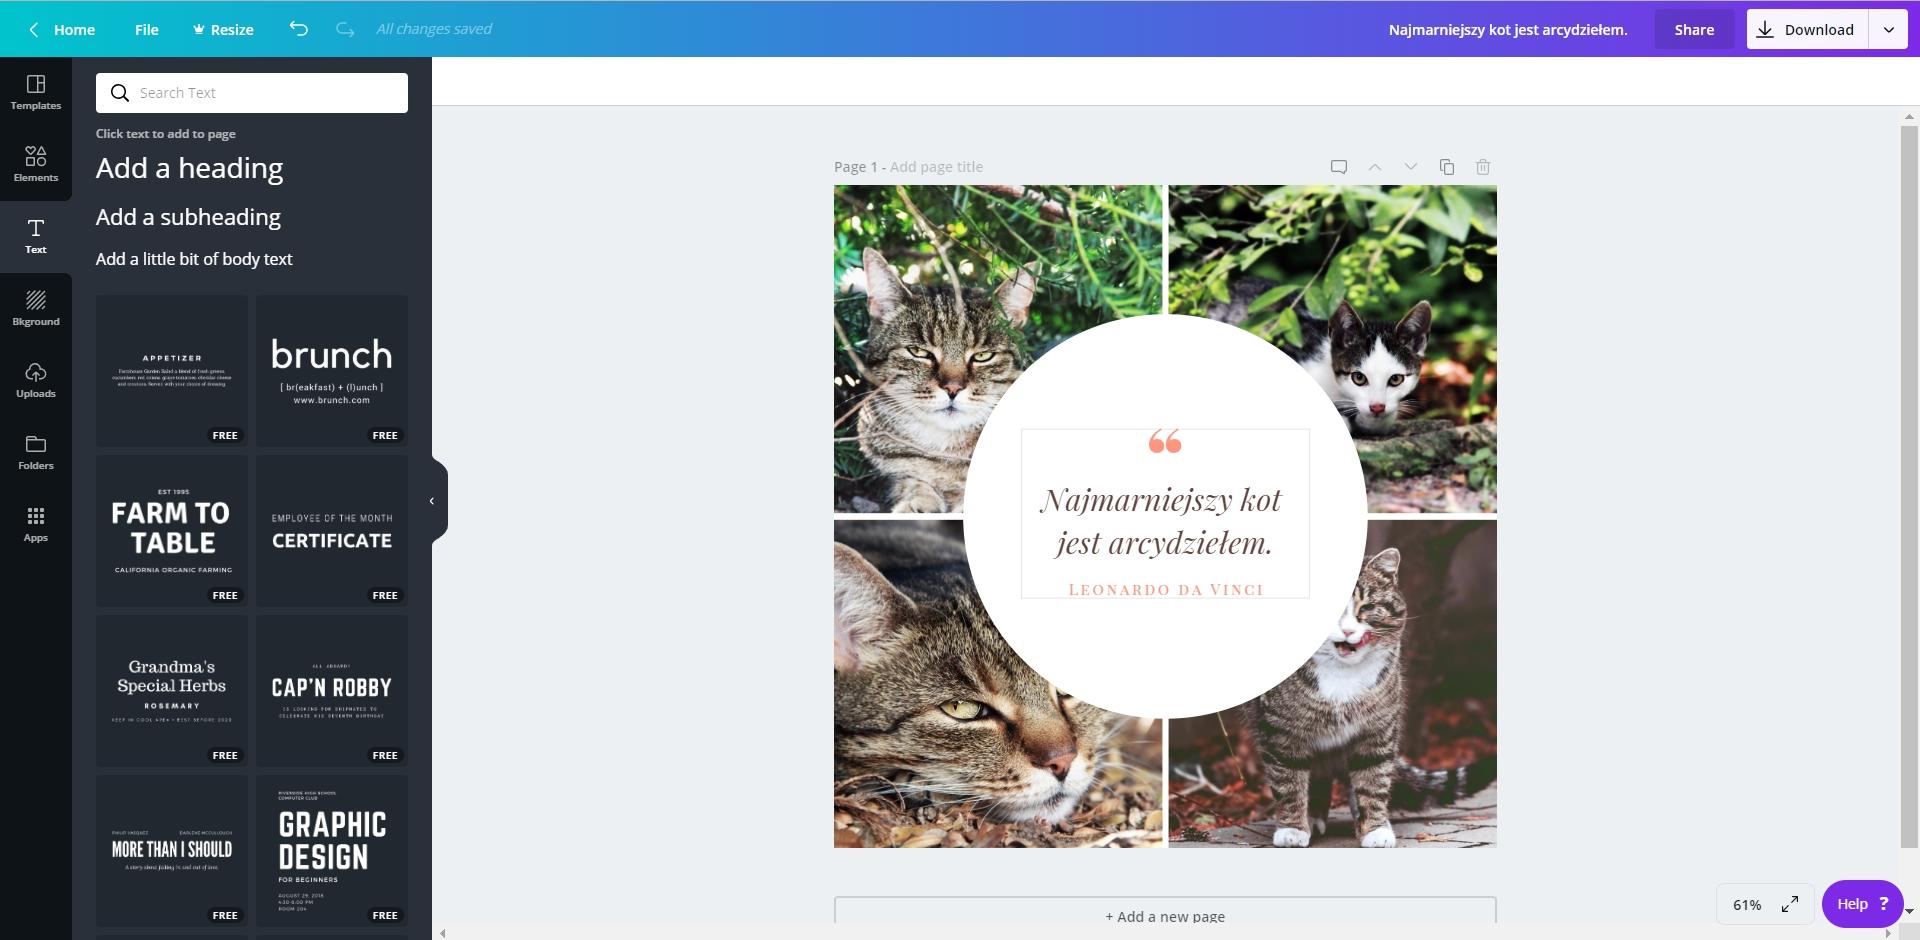 agenzia smartup canva crea immagini aziendali per etichette adesive